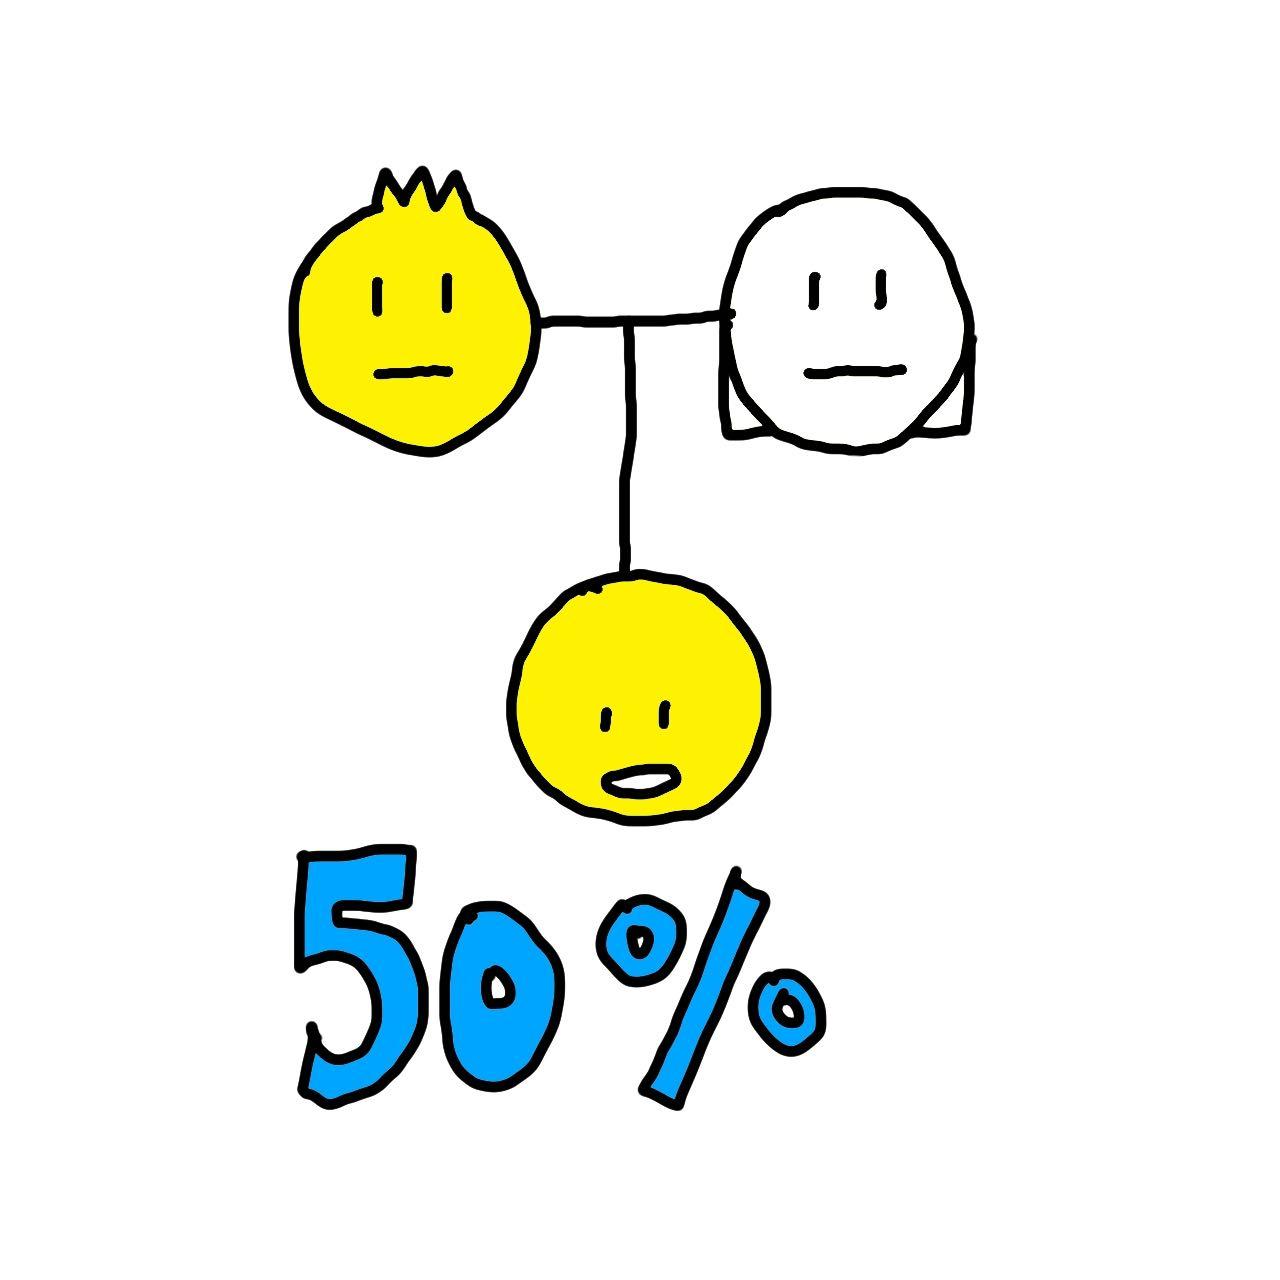 片方の親がワキガの場合50%の確率で遺伝